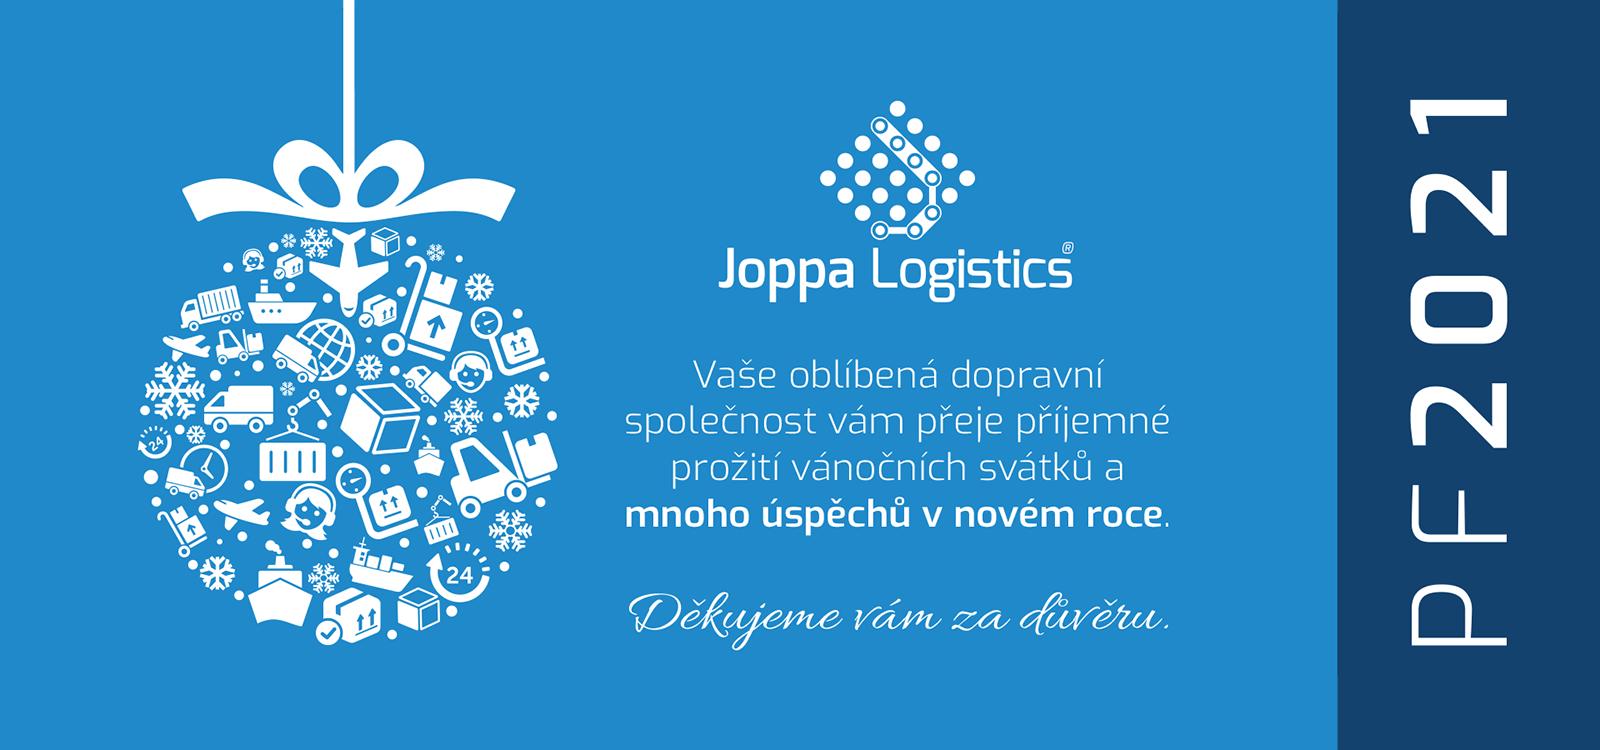 Joppa Logistics s.r.o. PF 2021